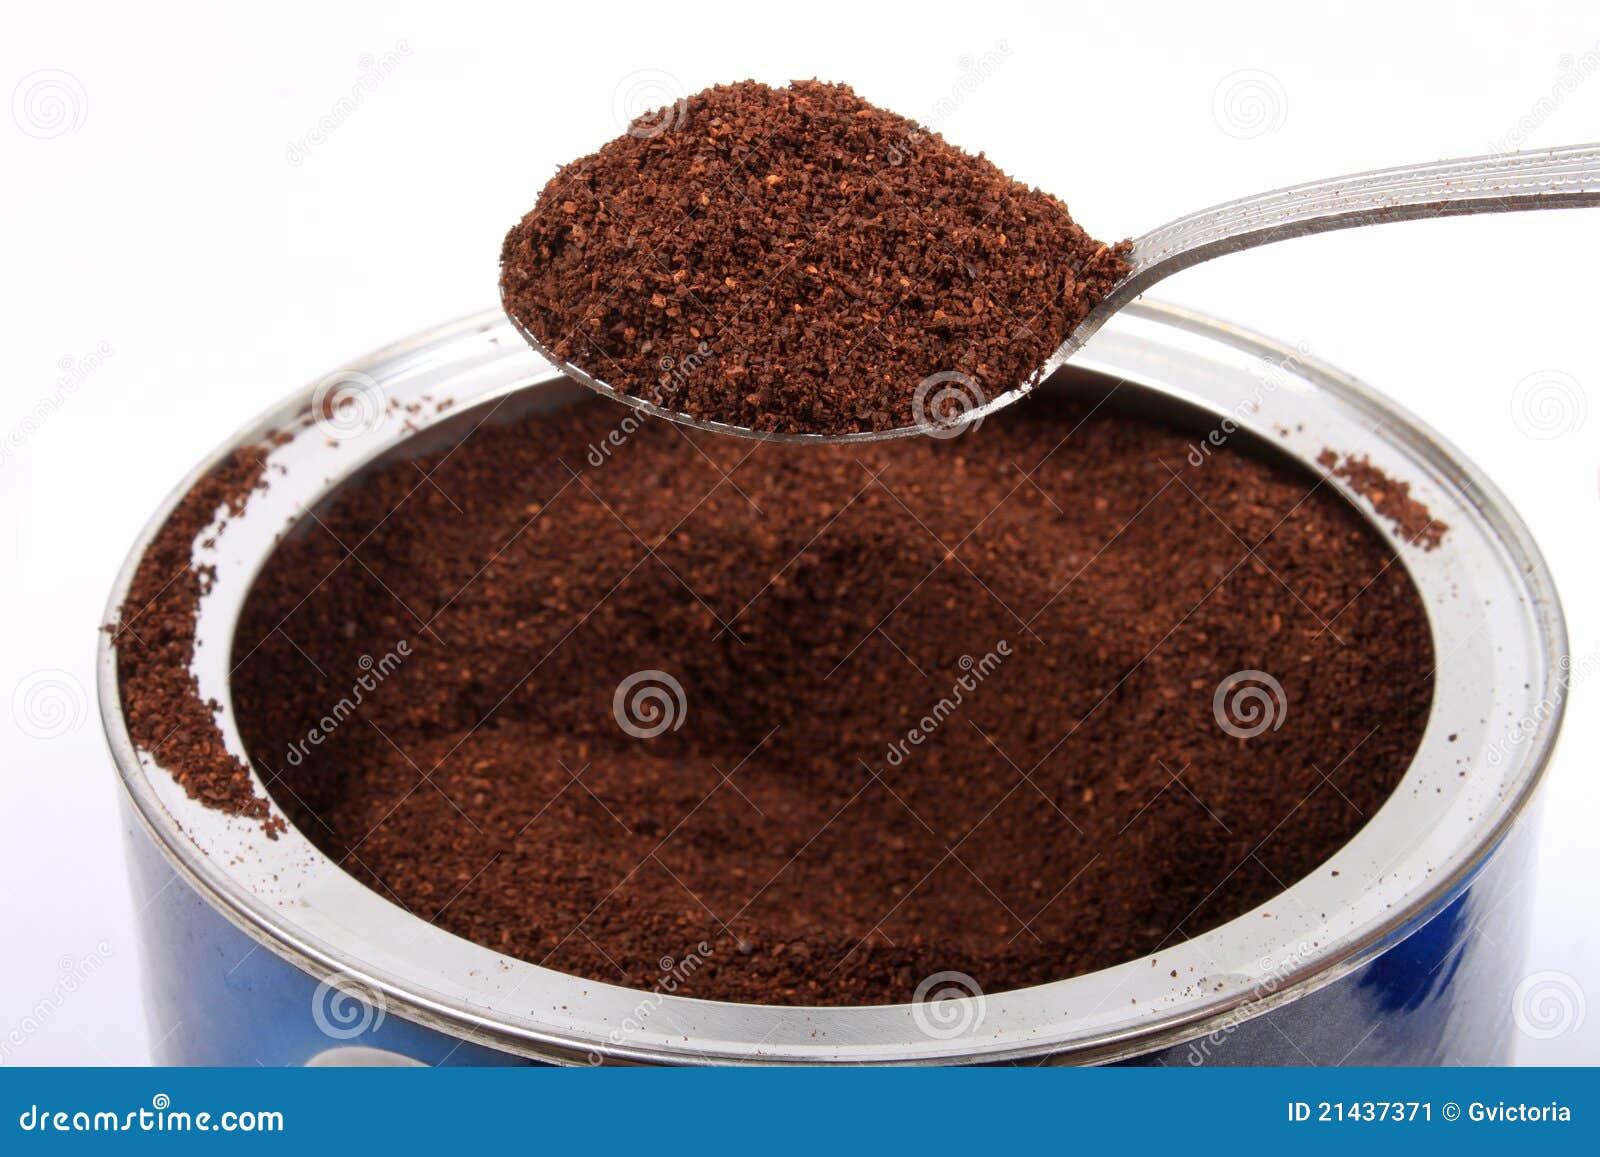 how to keep ground coffee fresh